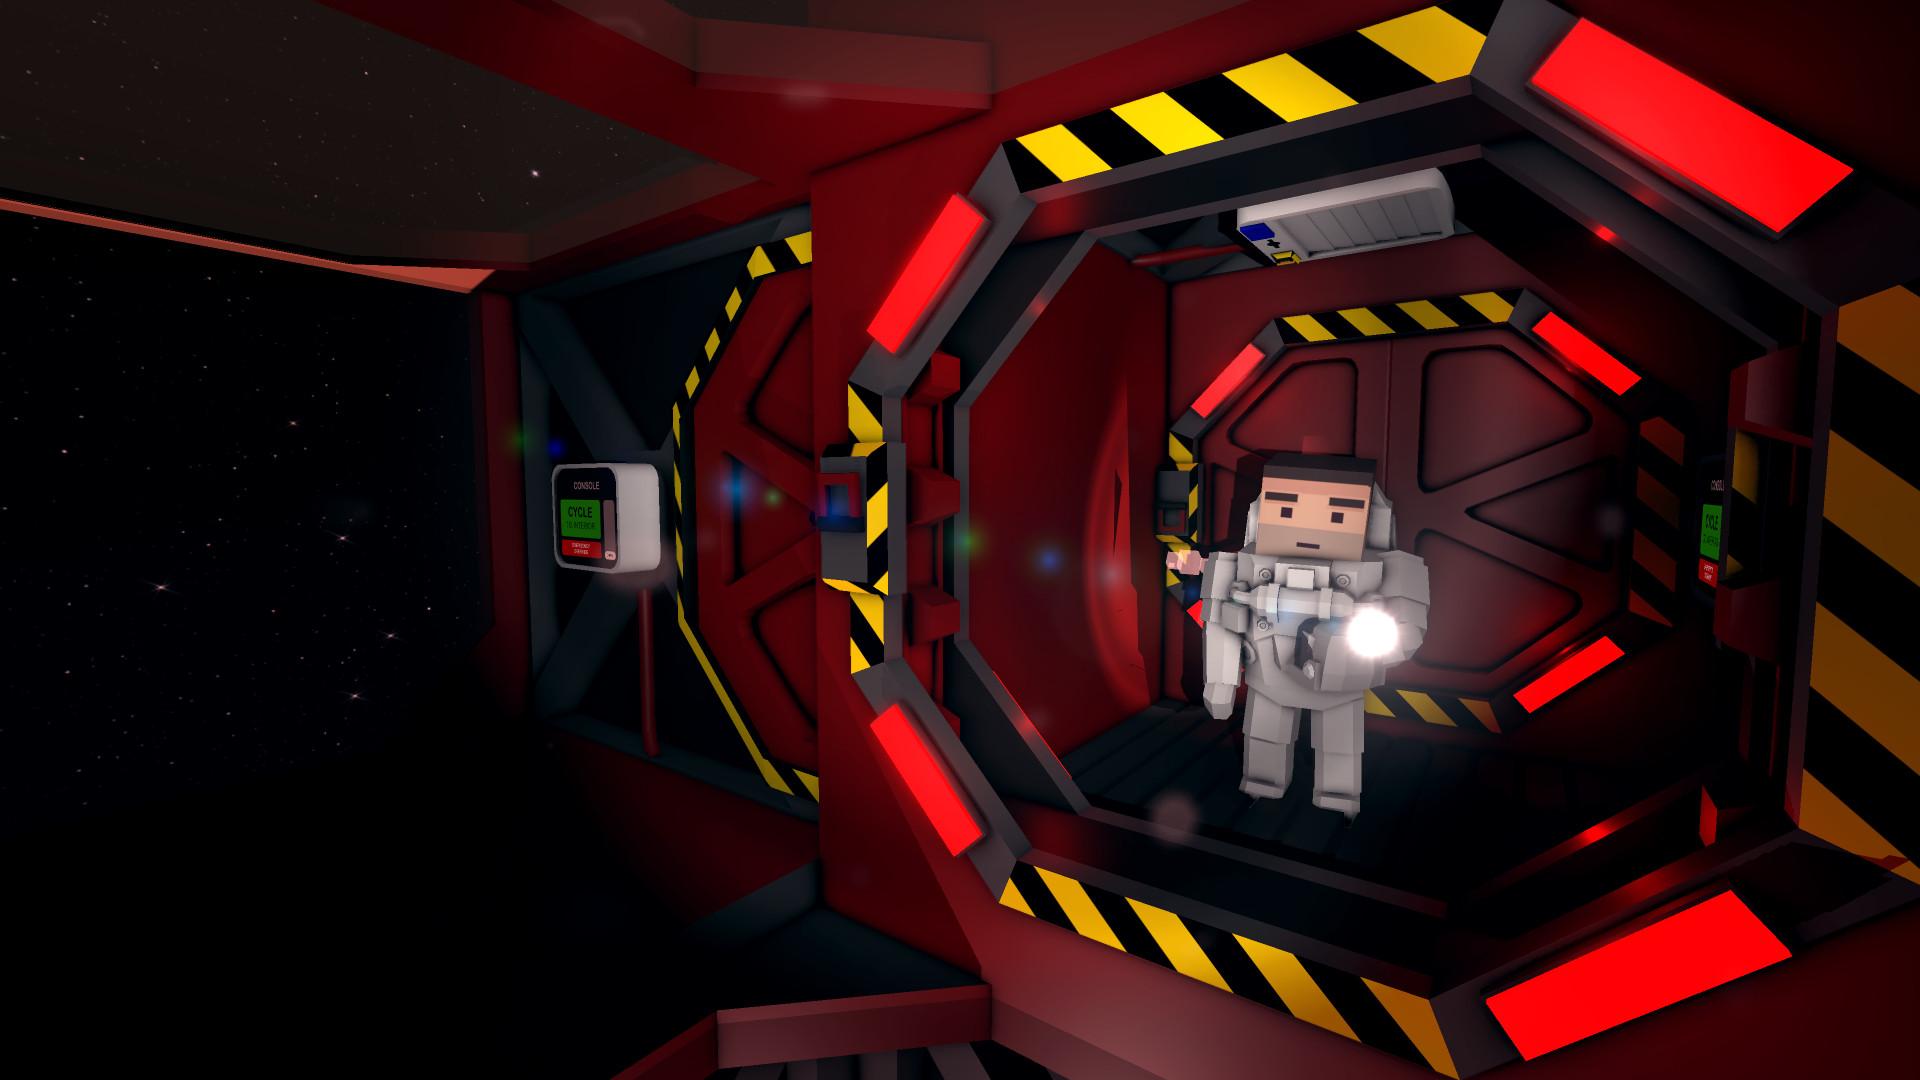 Dean Hall představil hru Stationeers se správou vesmírných stanic 141490